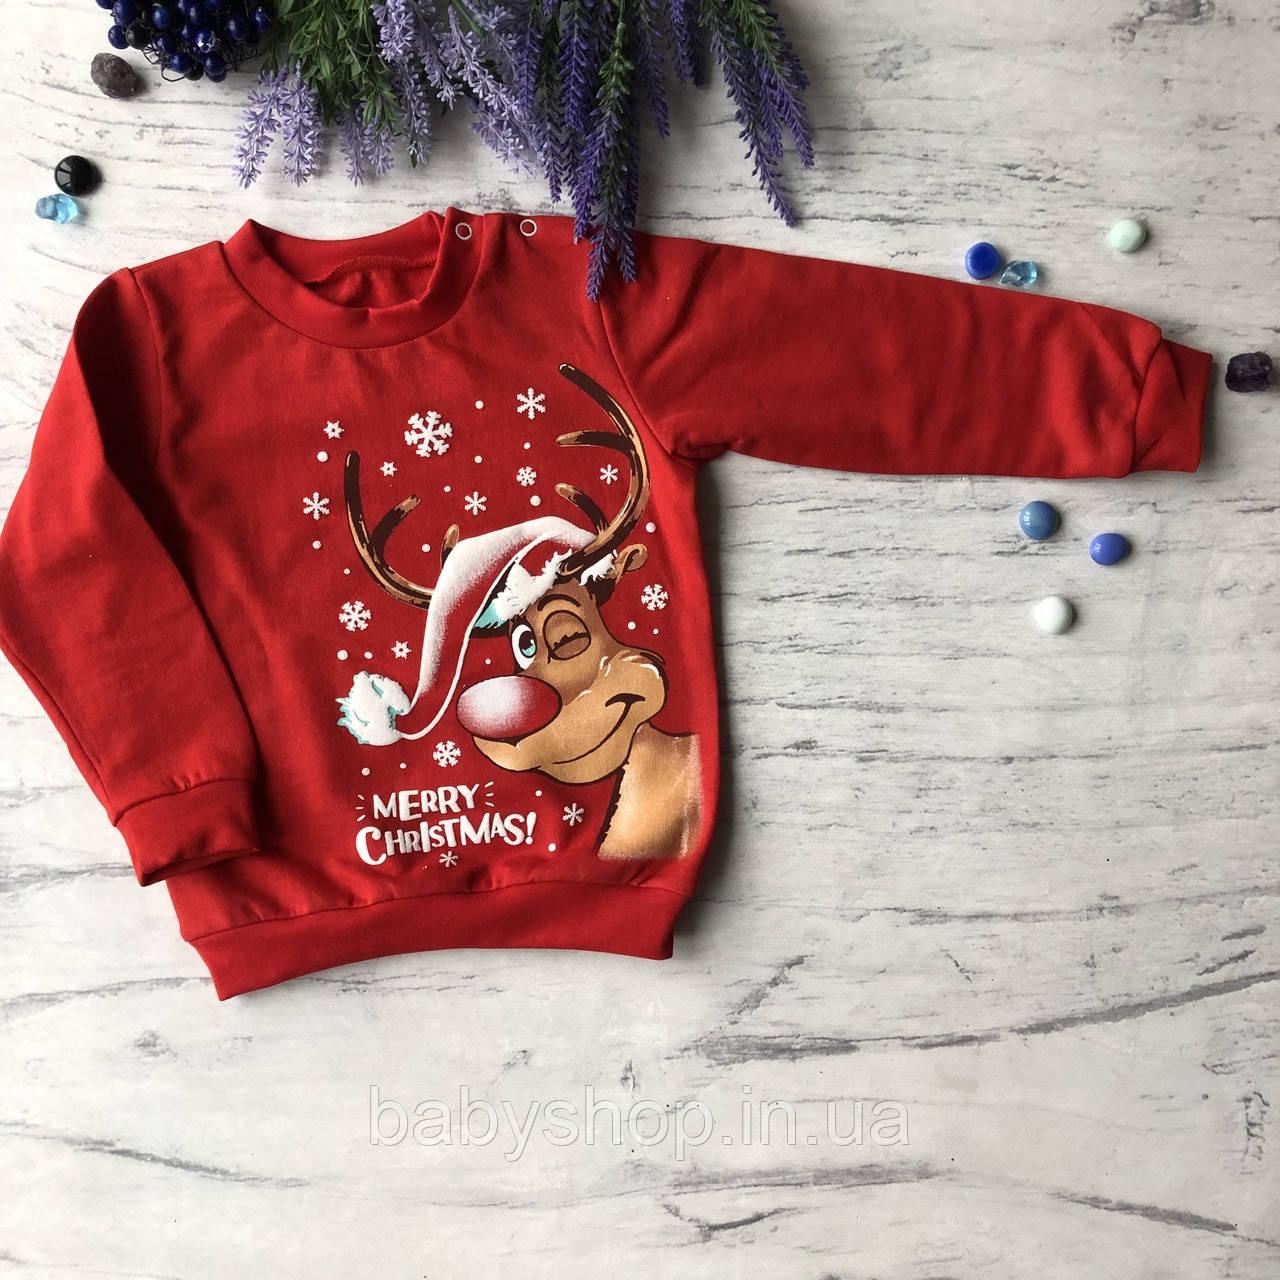 Теплий новорічний джемпер на хлопчика і дівчинку 2. Розміри 92, 98 см, 104 см, 110 см, 116 см, 122 см